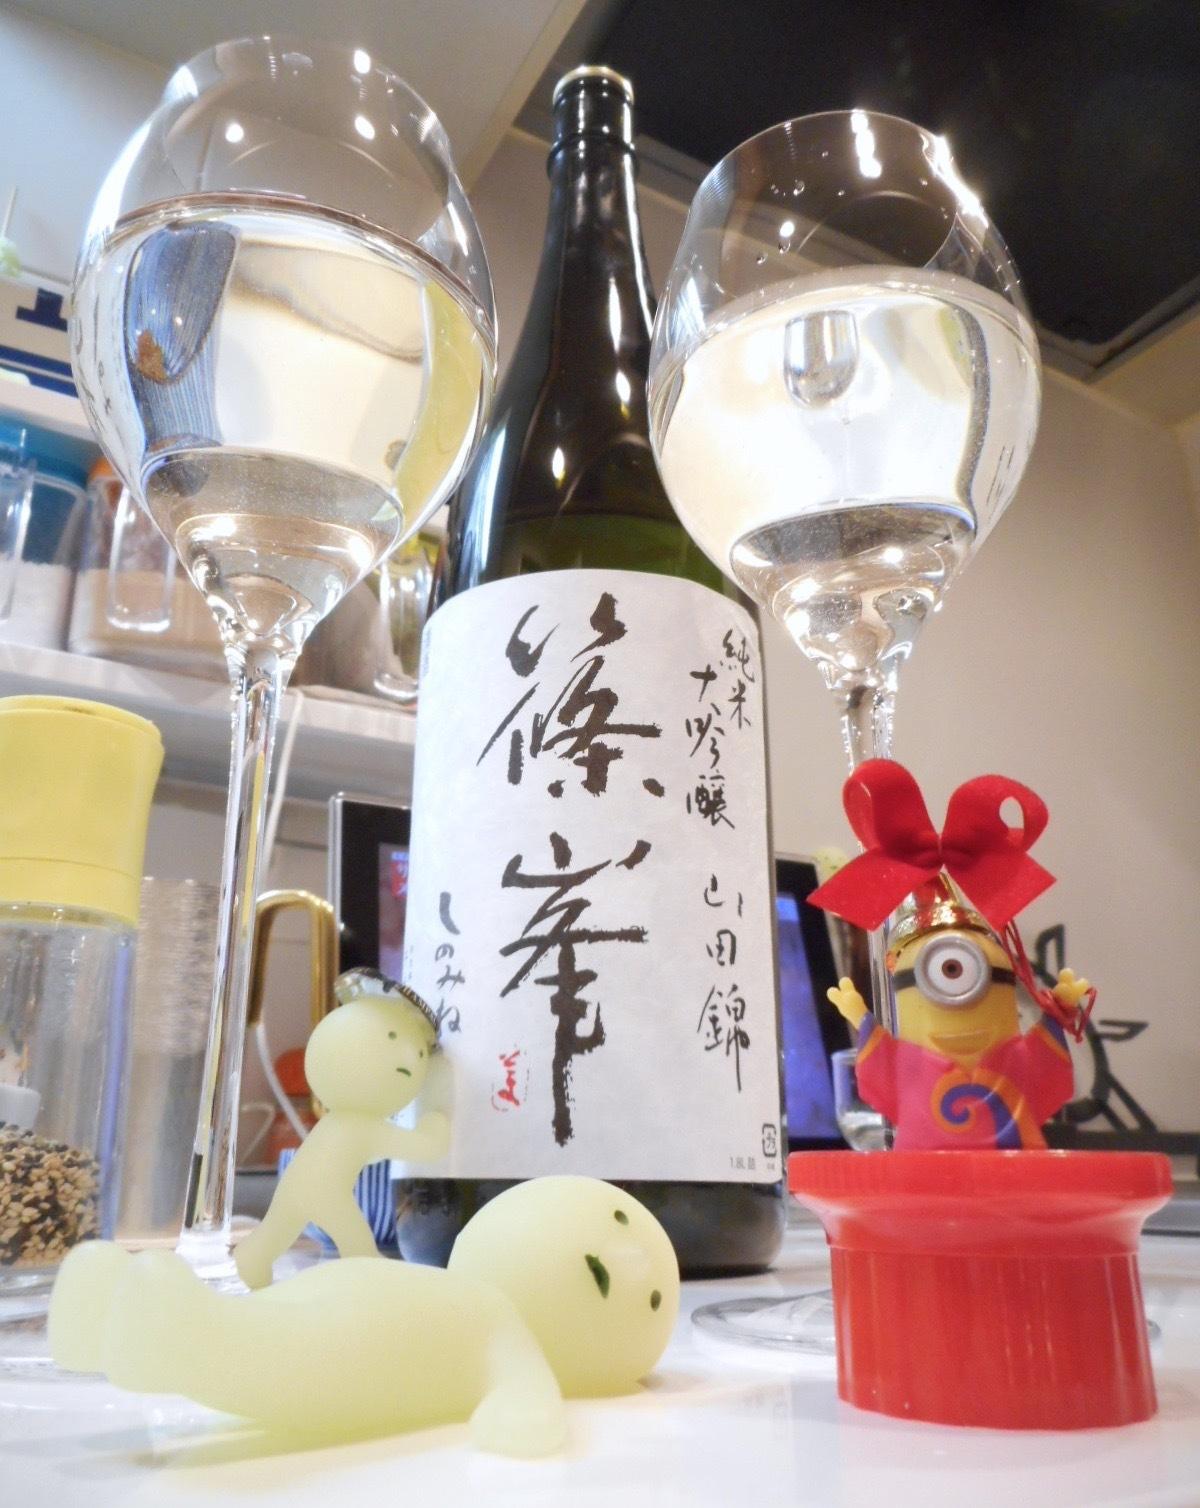 shinomine_jundai_yamada26by8.jpg